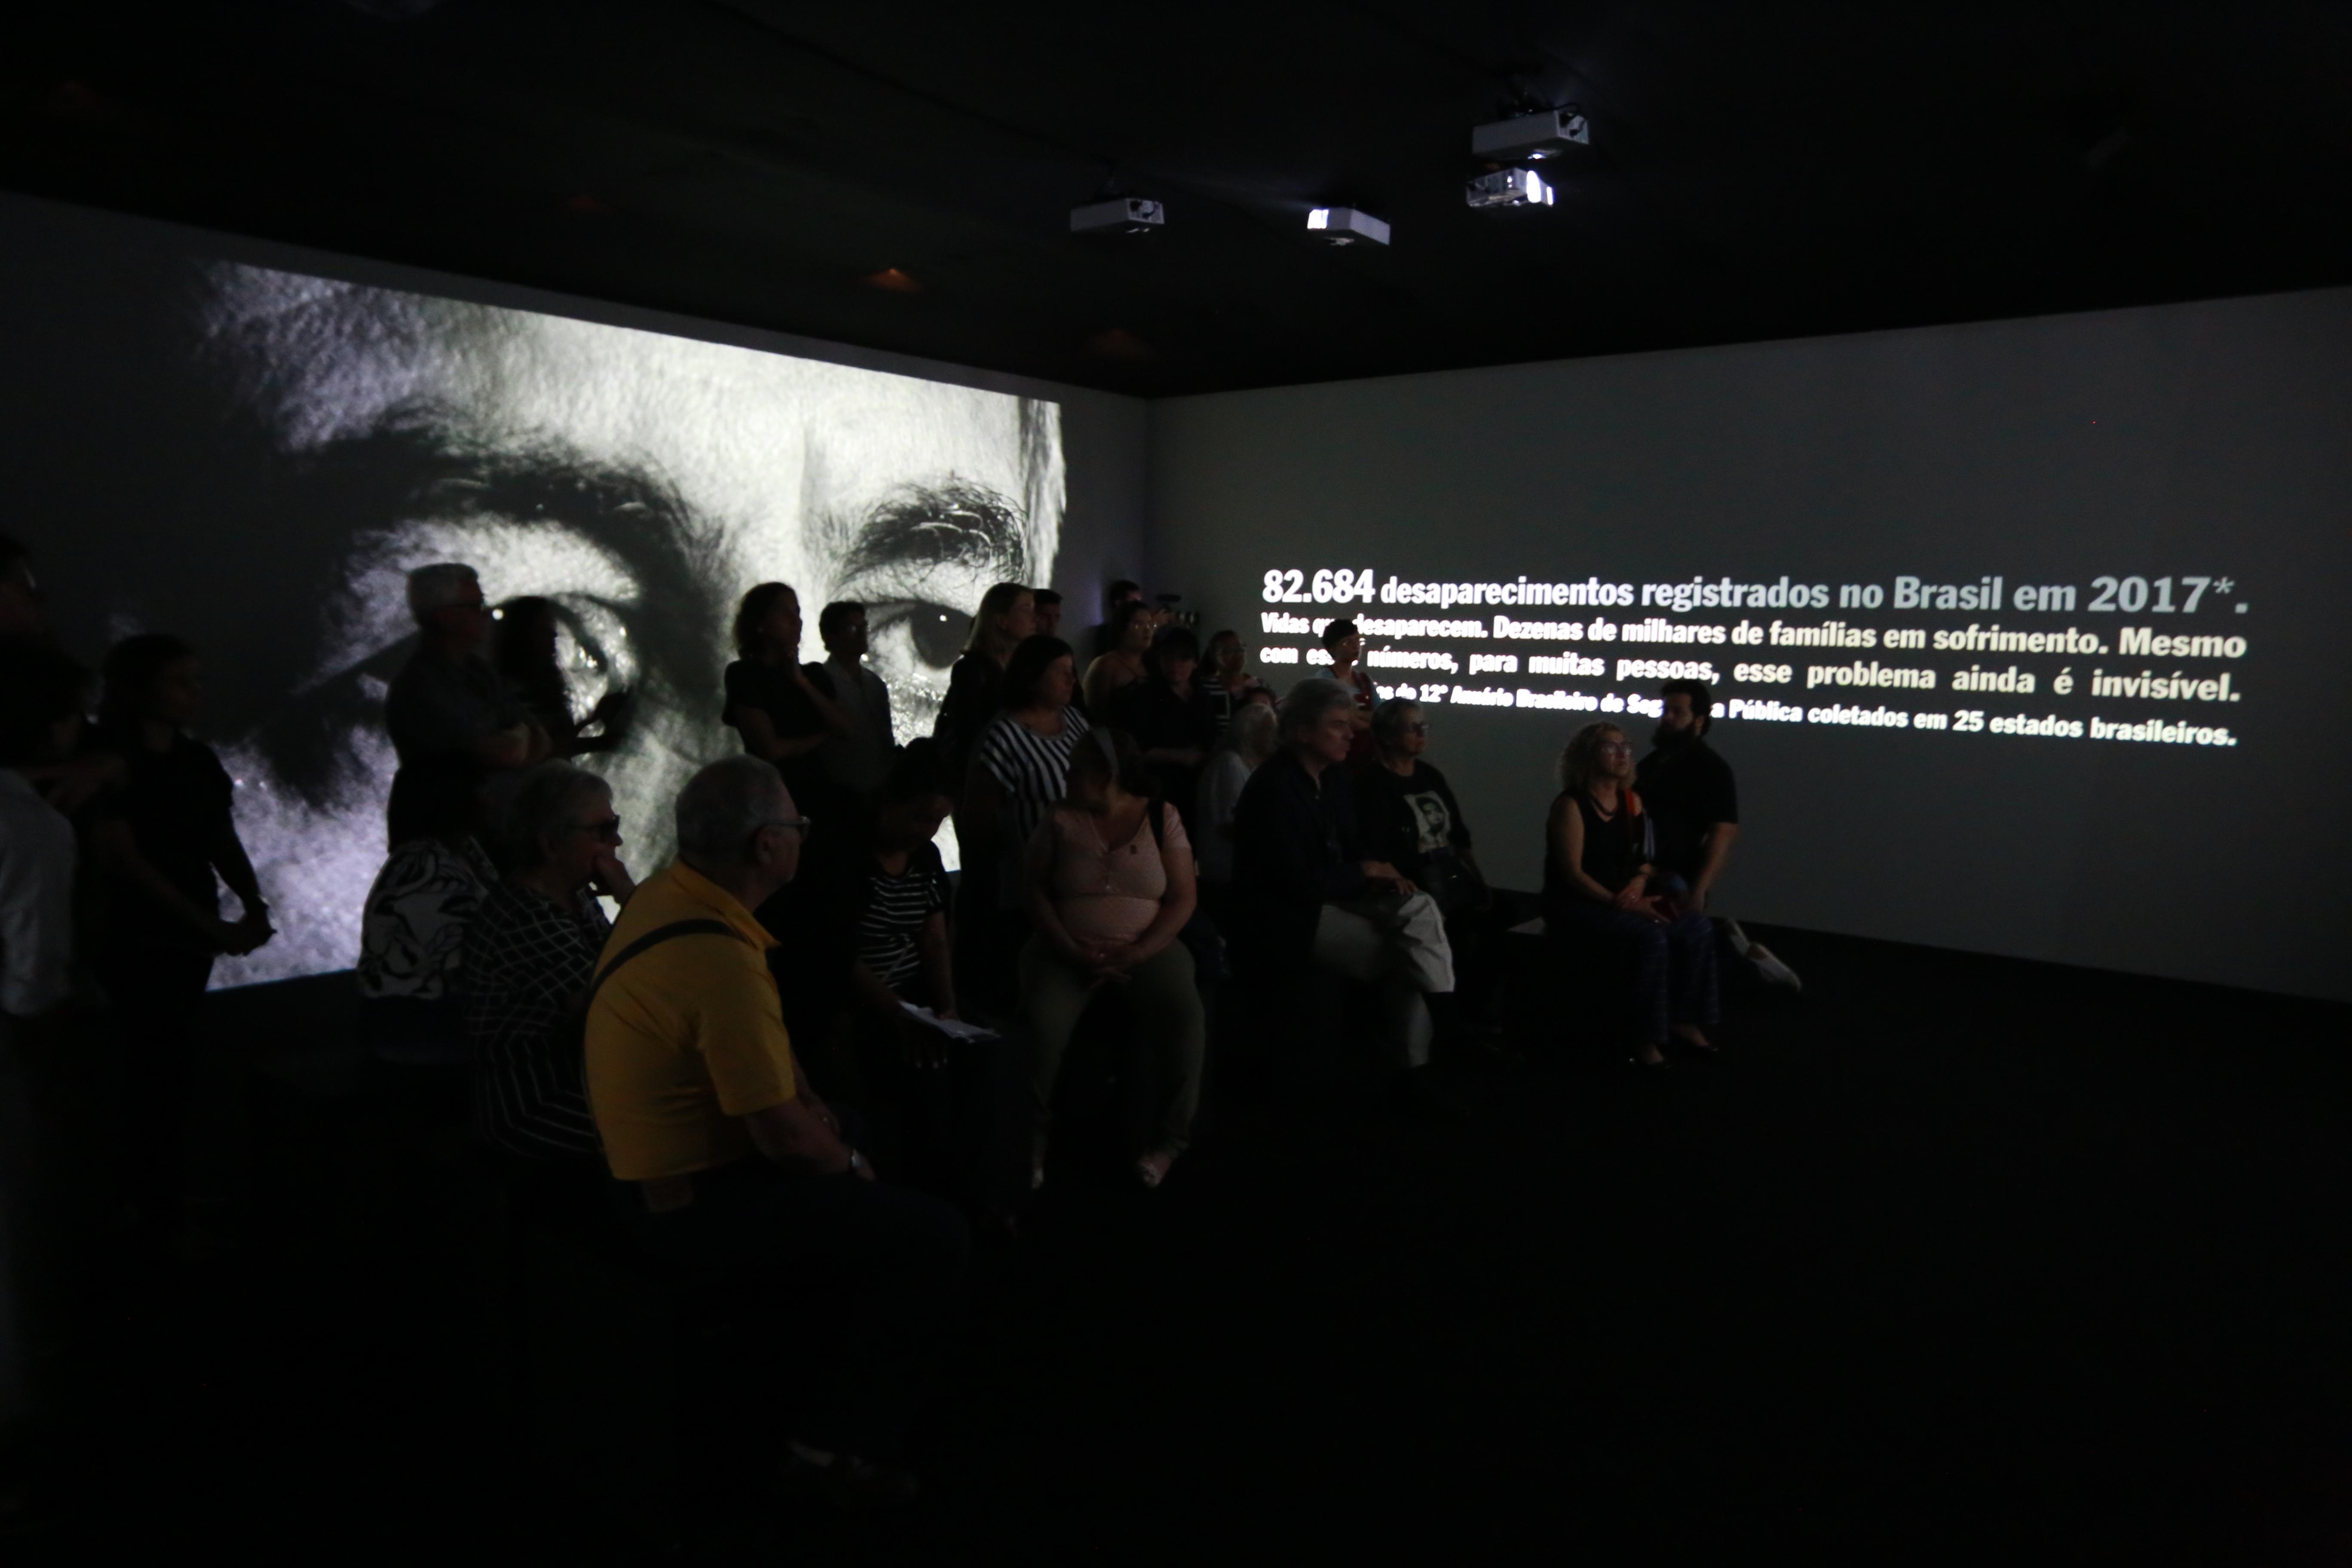 exposição sobre pessoas desaparecidas no Centro Dragão do Mar